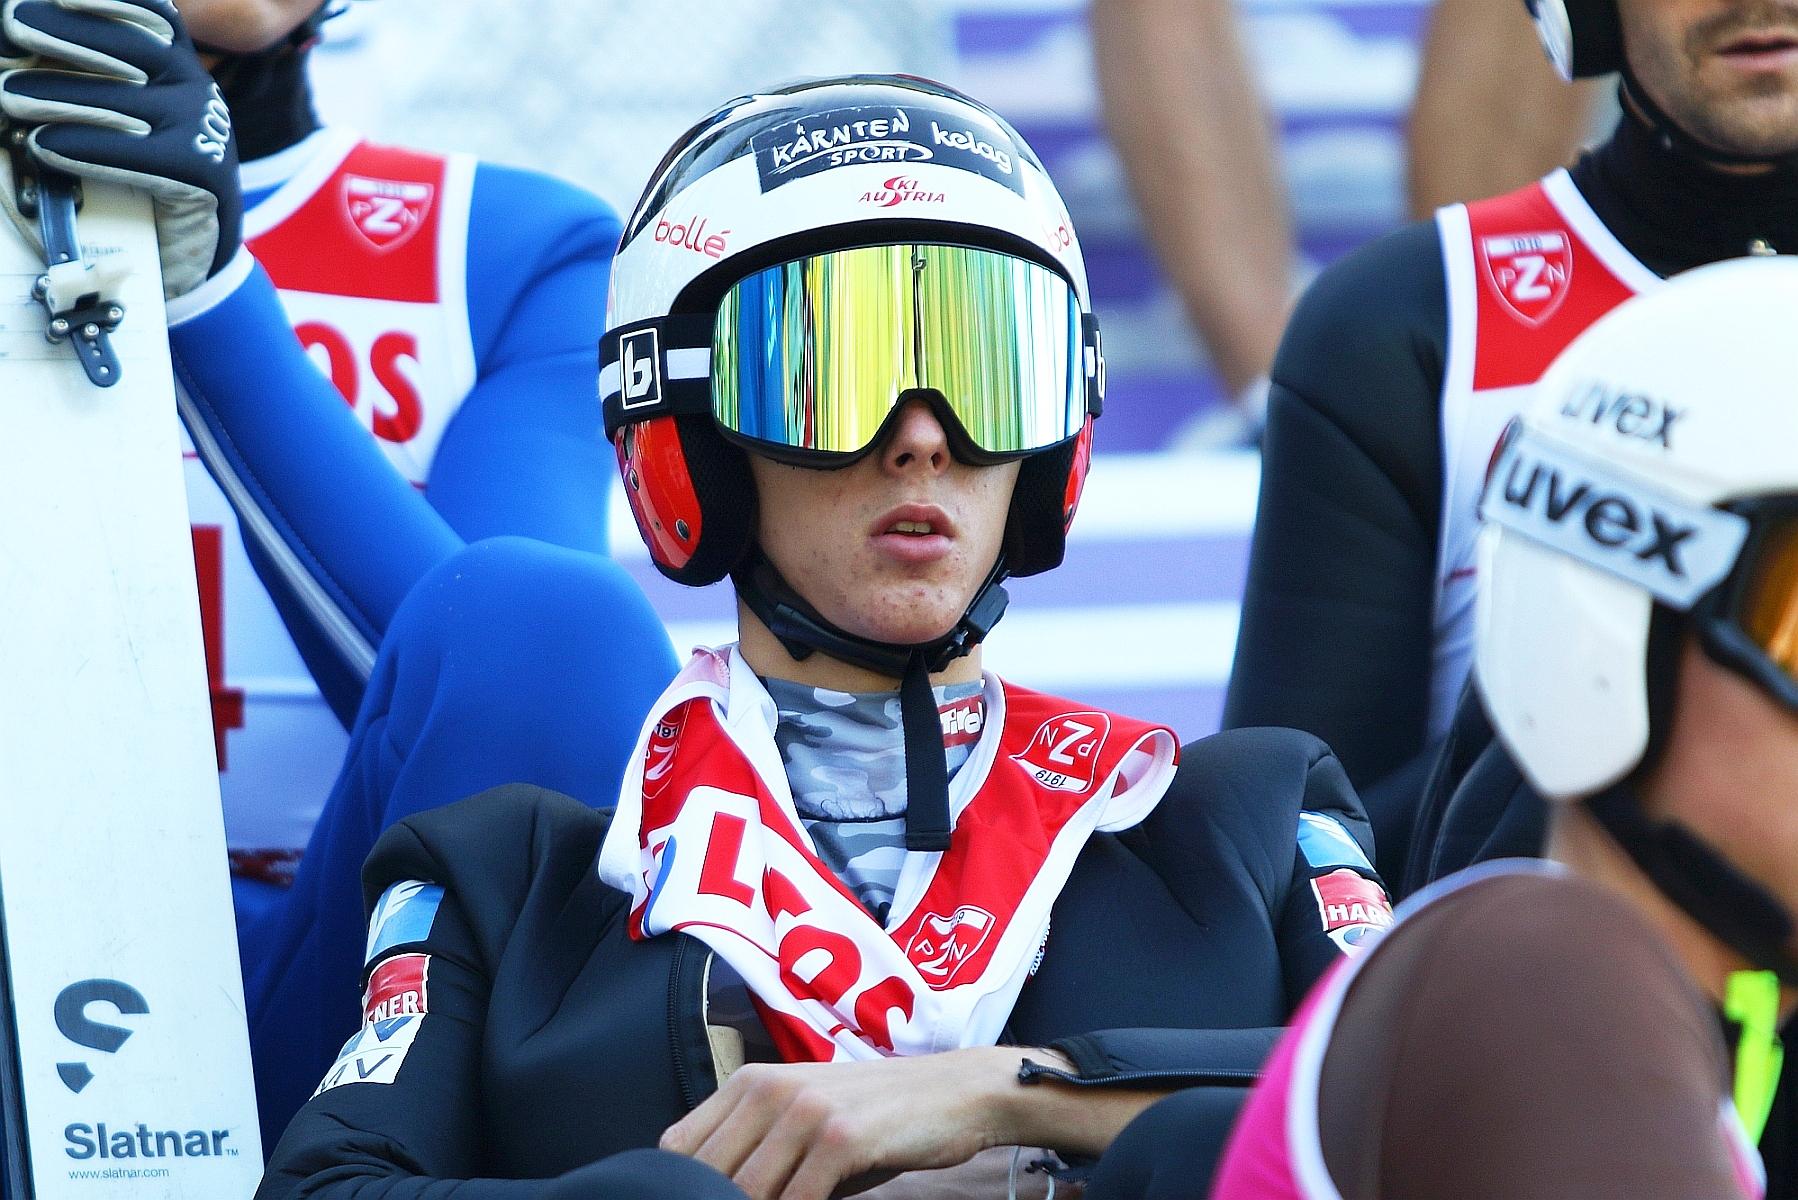 Markus Mueller fotJuliaPiatkowska - Alpen Cup